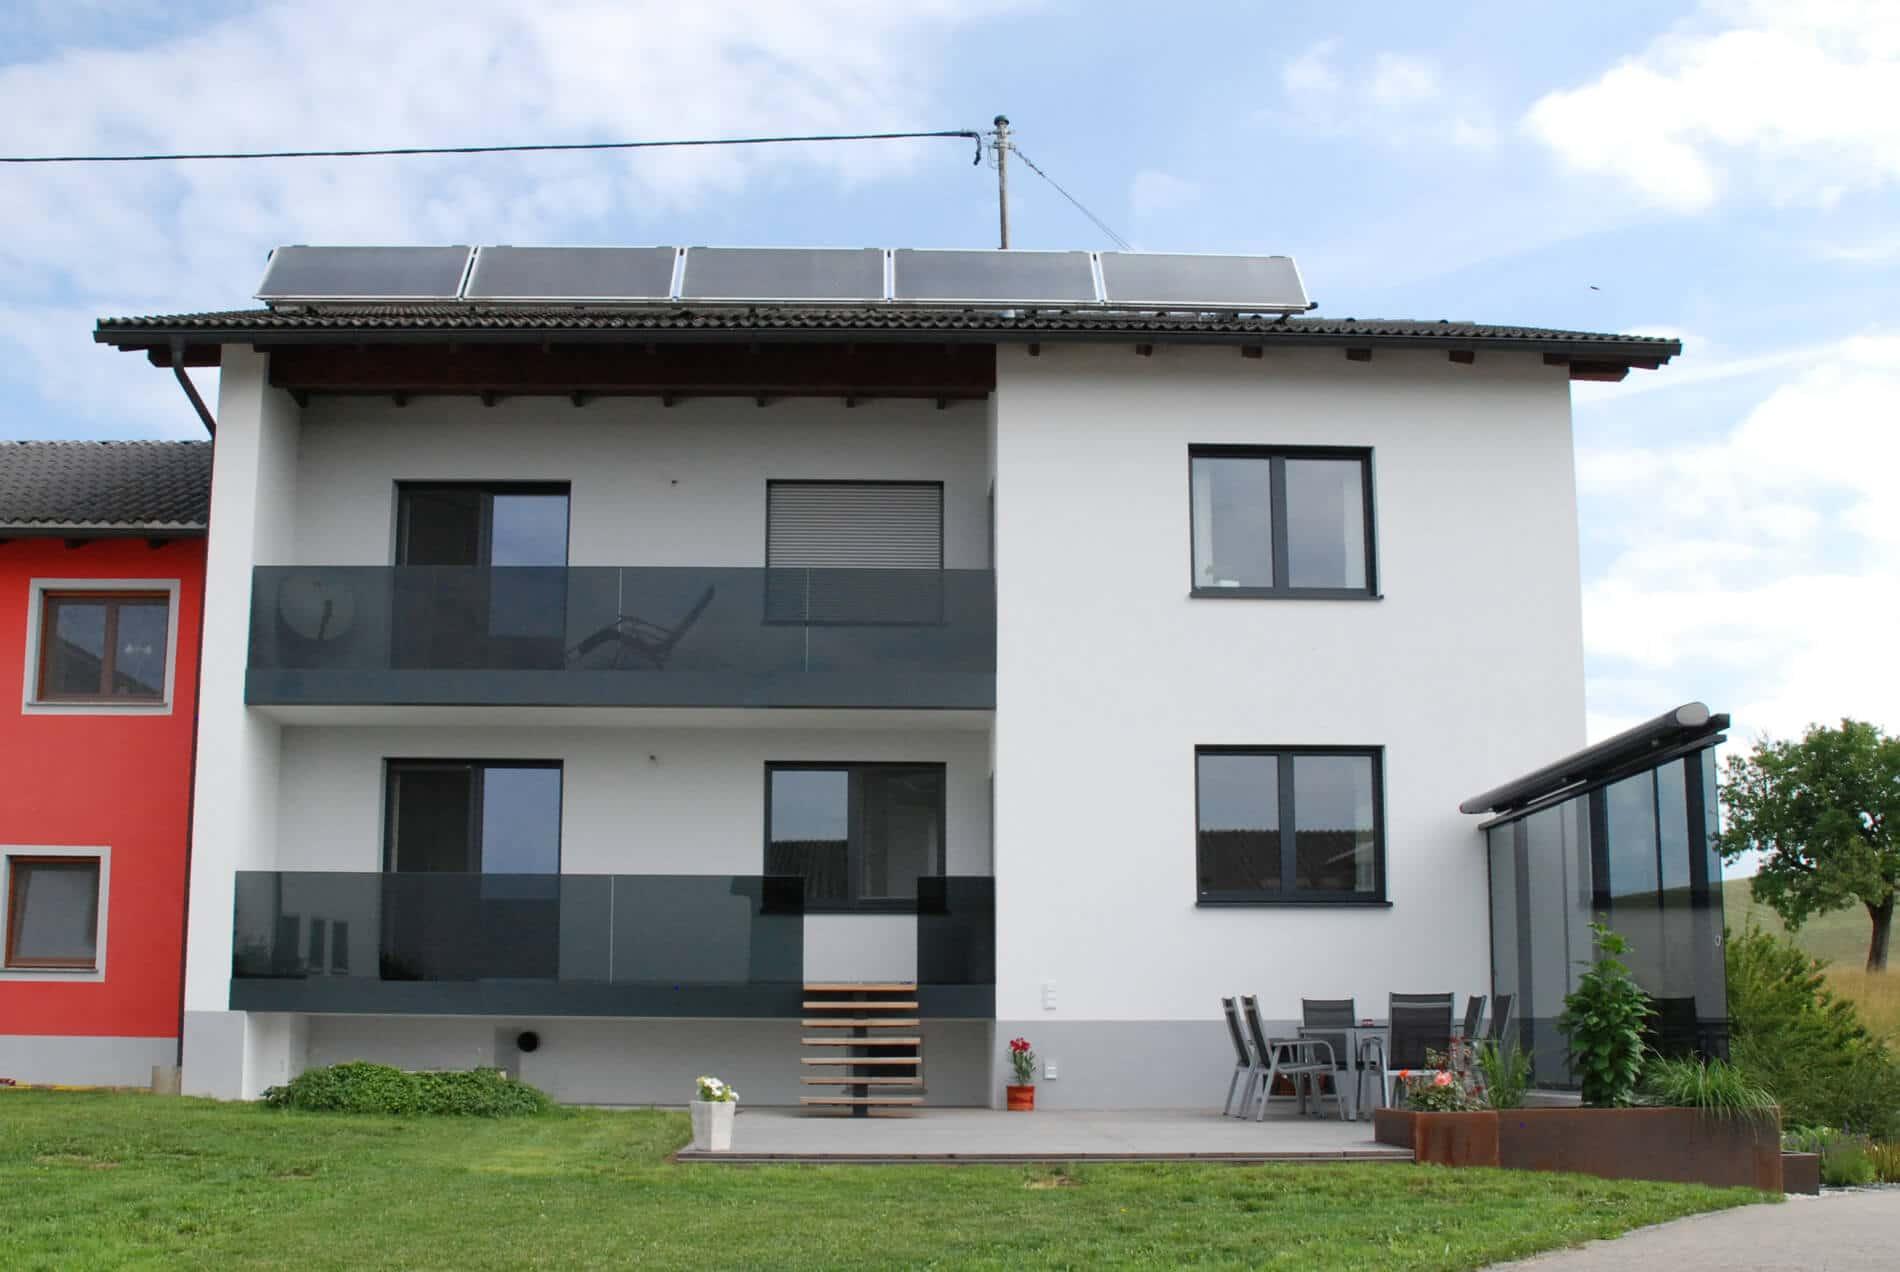 Windschutz Terrasse nach Maß